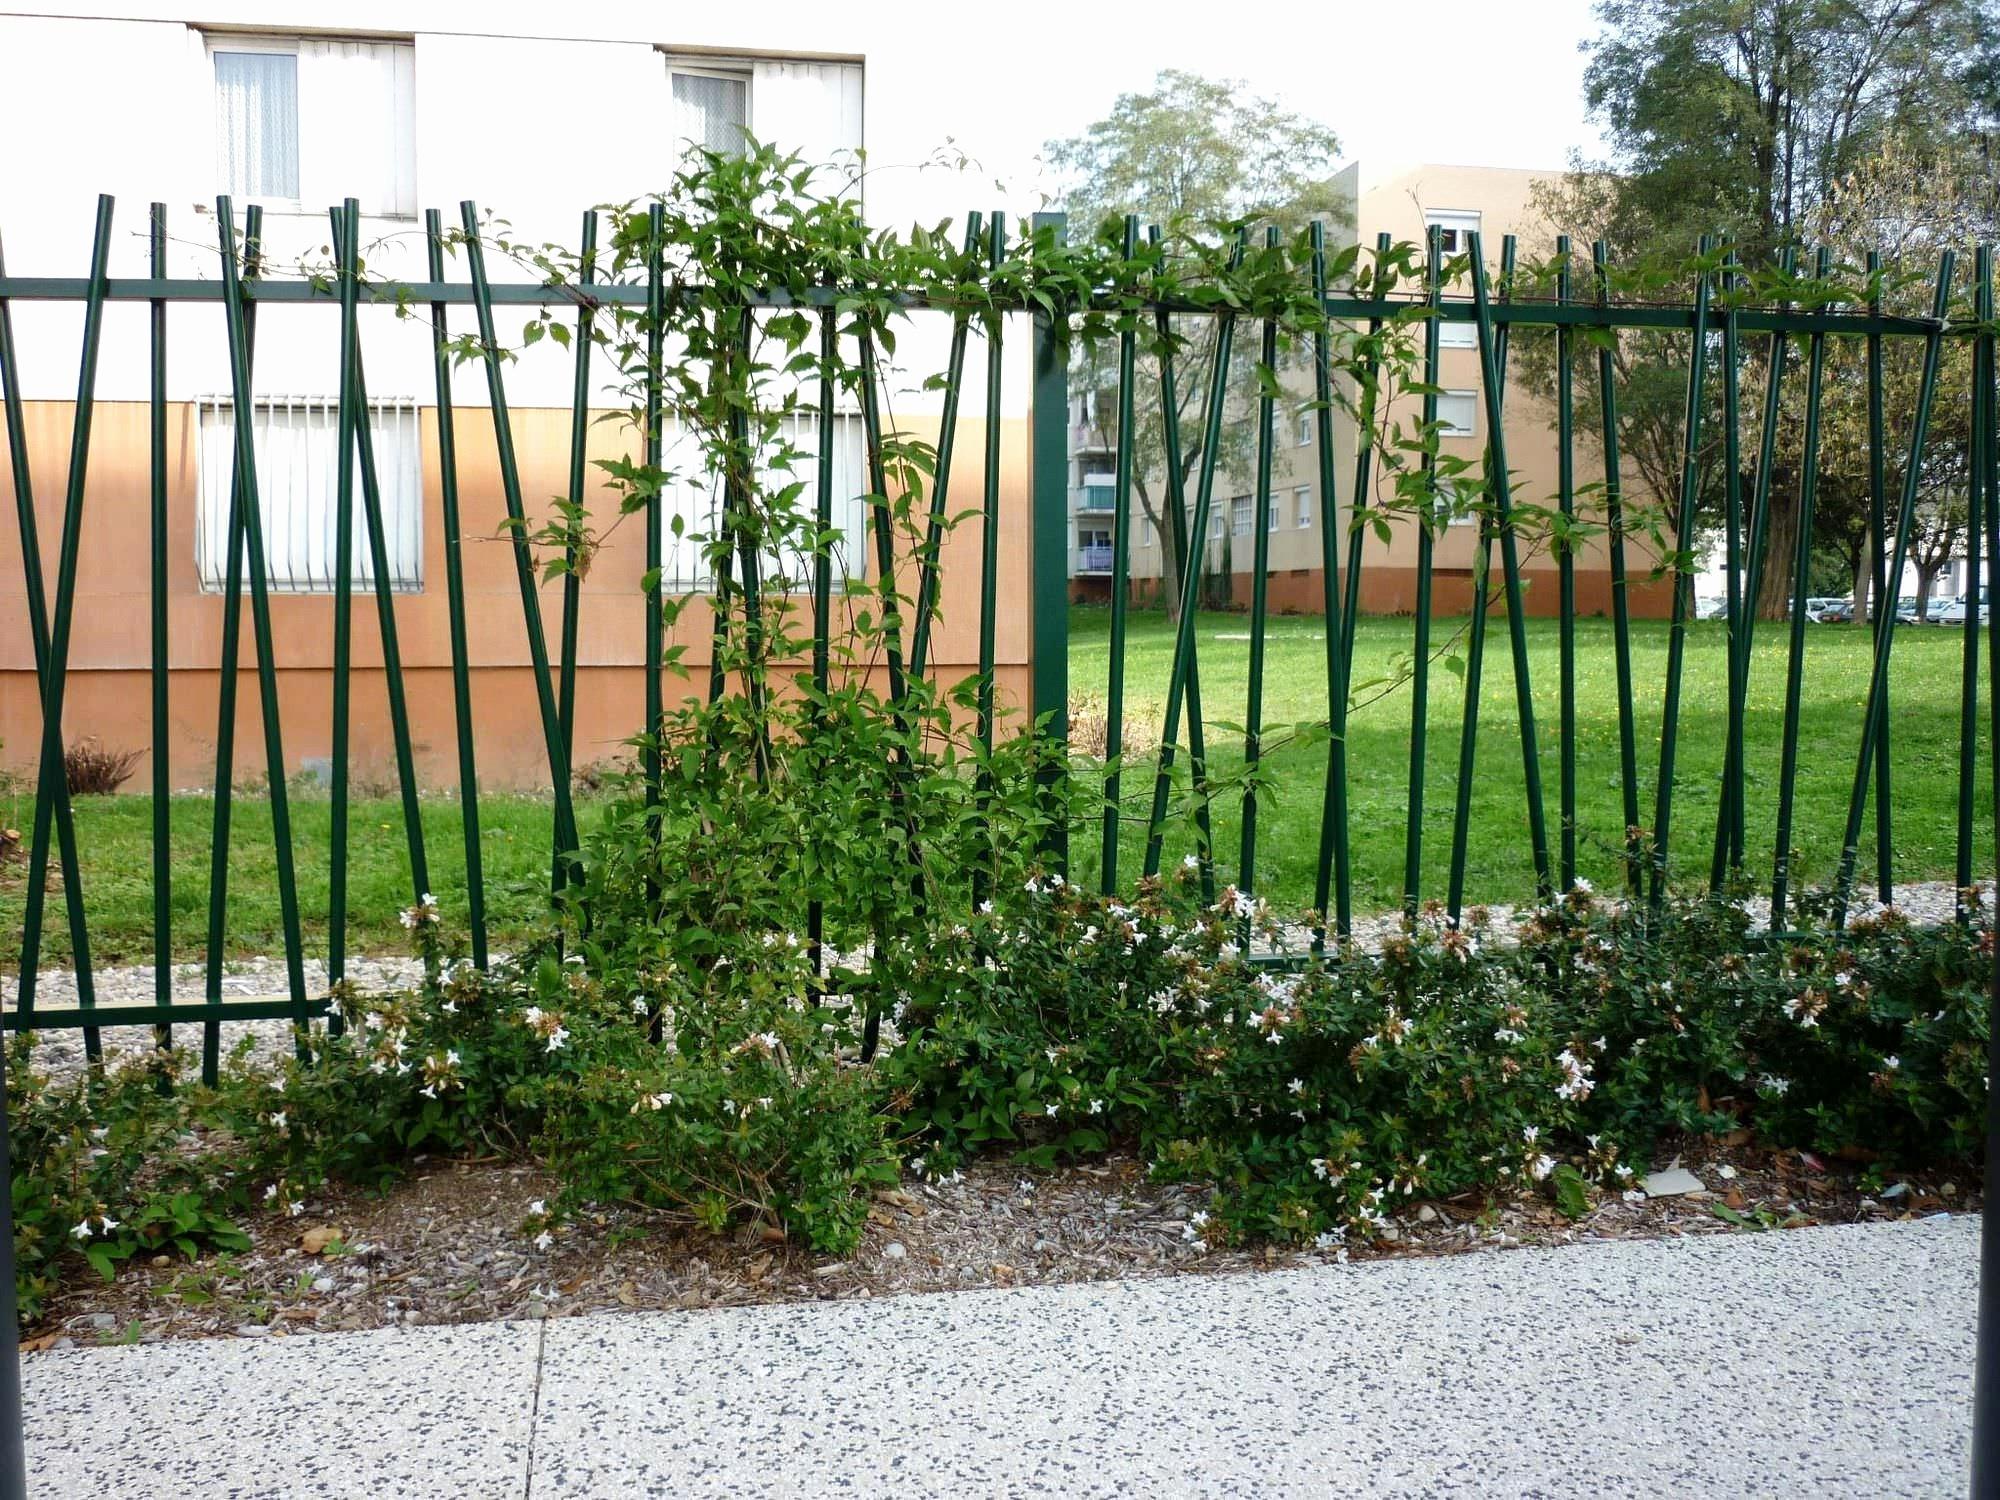 Transat Jardin Carrefour Élégant Photos Carrefour Abri De Jardin Aussi Voguish Cabane De Jardin originale